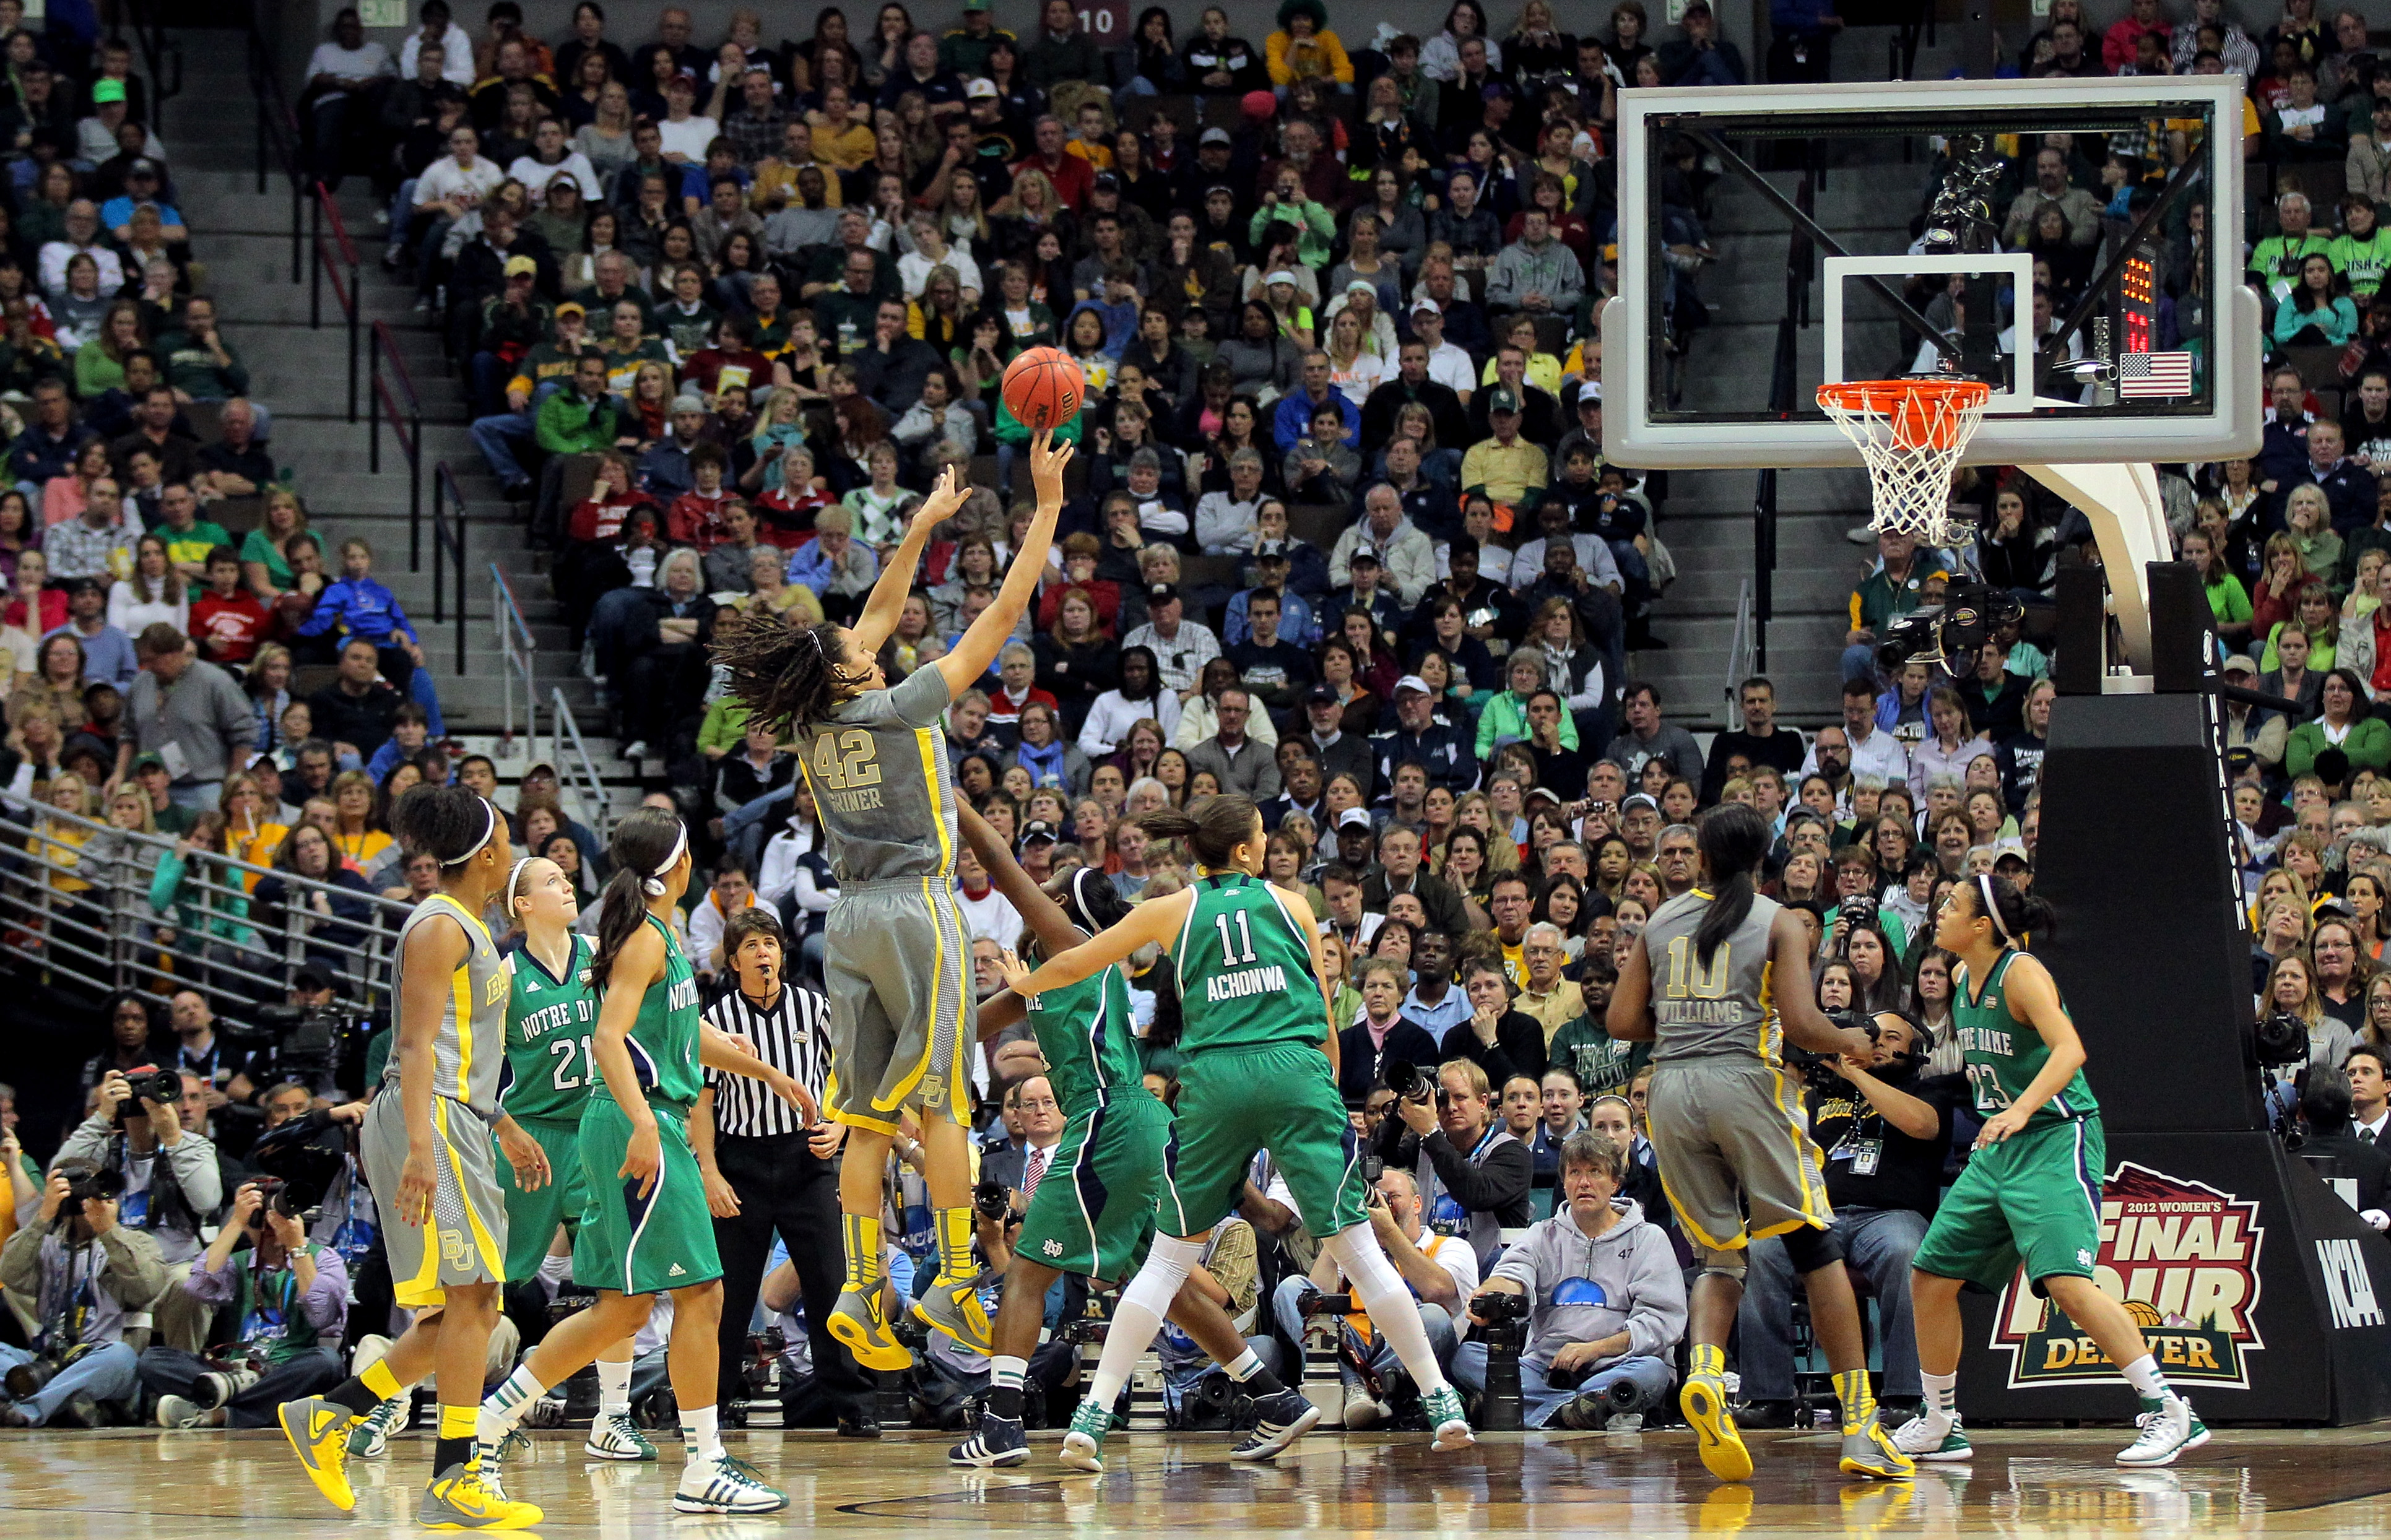 NCAA Women's Championship Game - Notre Dame v Baylor